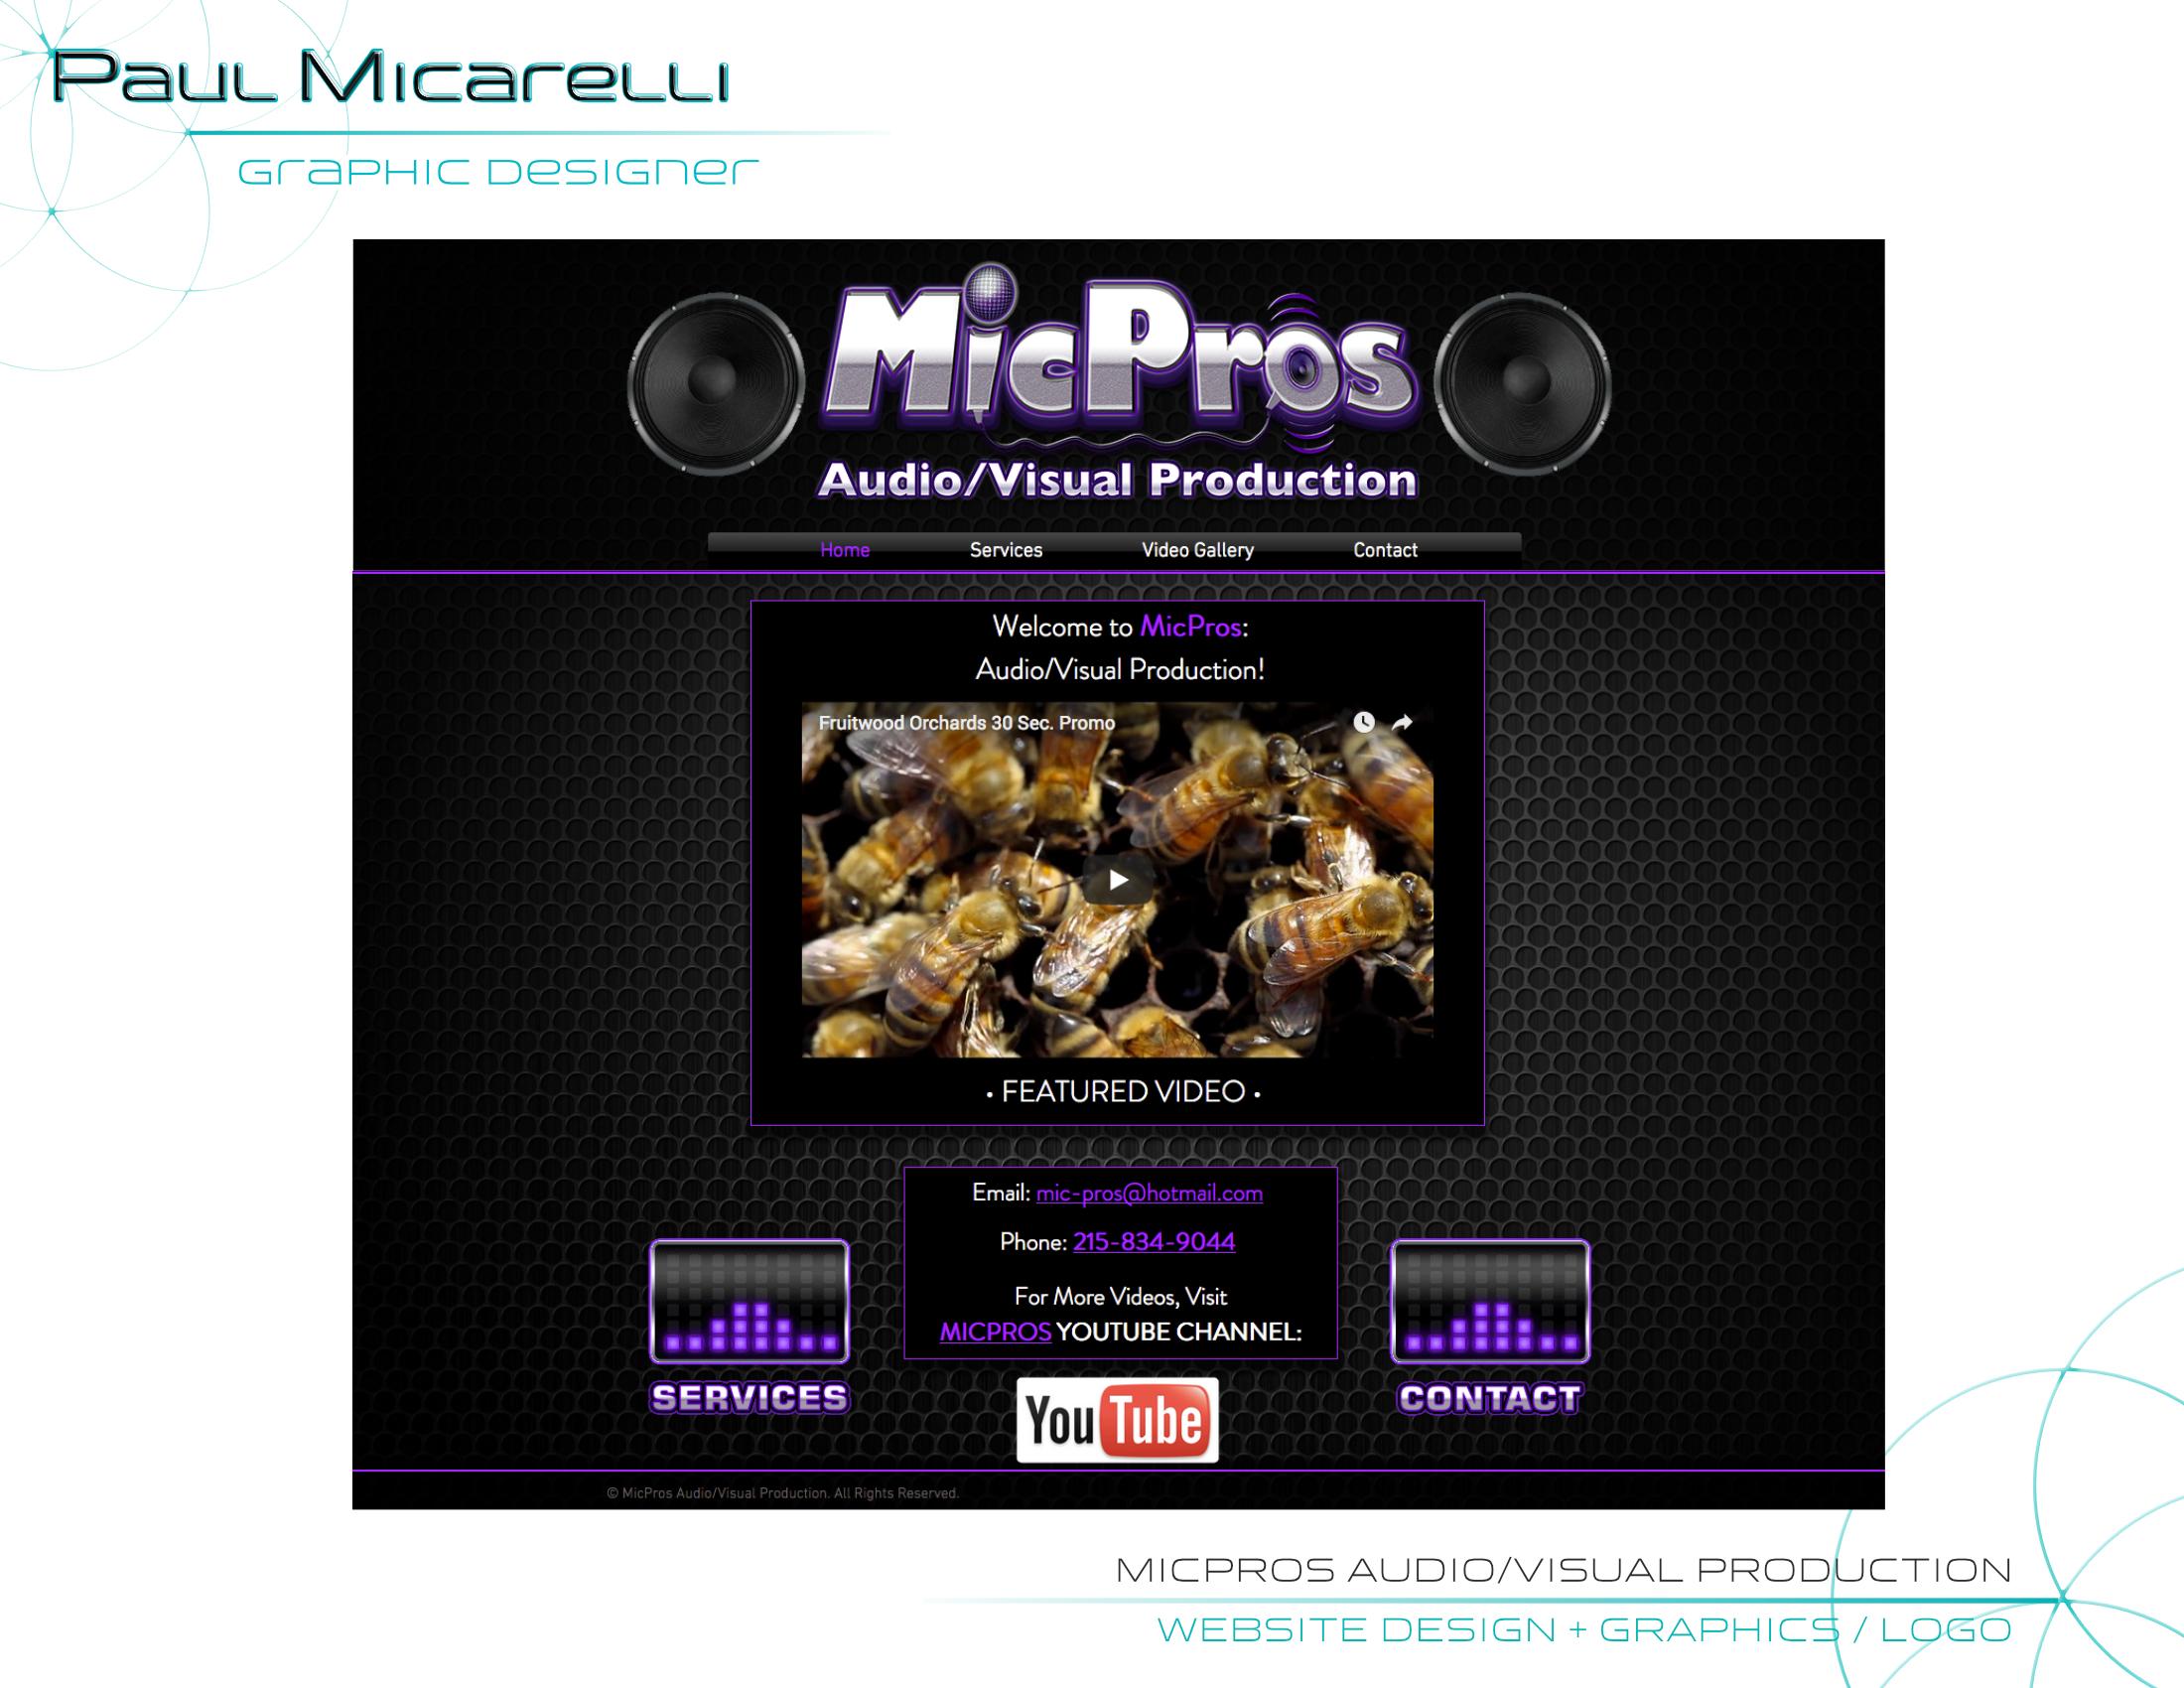 Paul-Micarelli-MicPros Logo Webpage